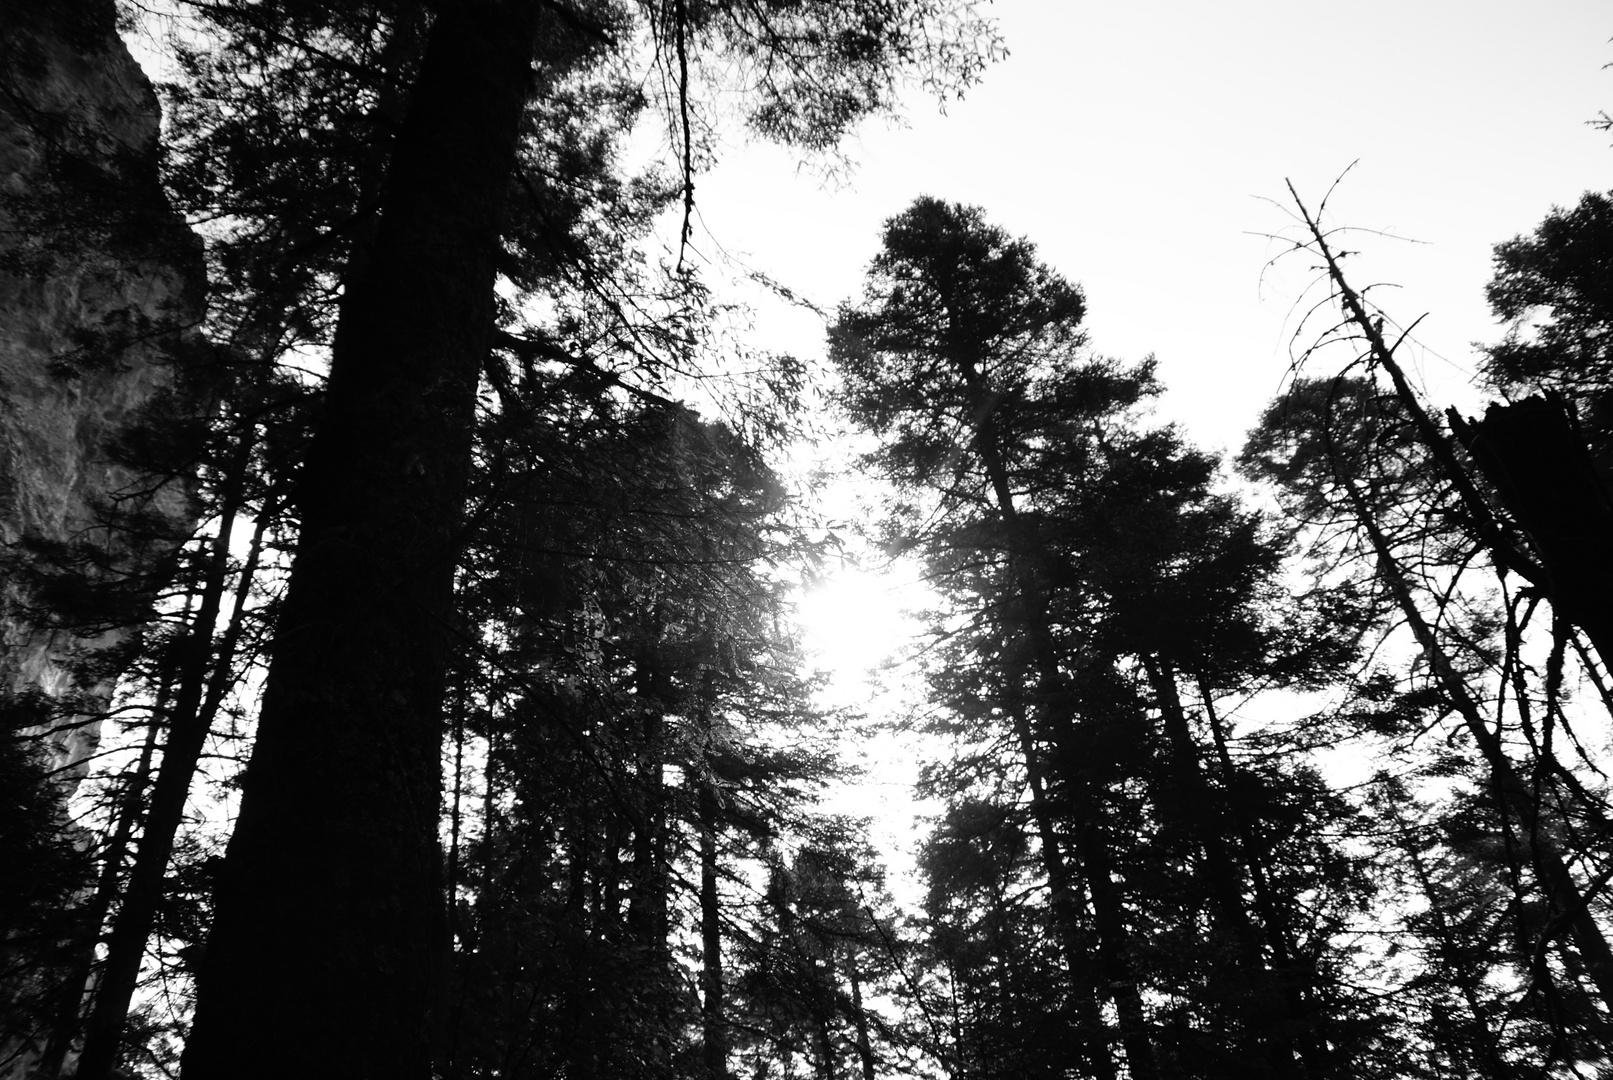 Fue un buen sabado para tomar fotos en el bosque